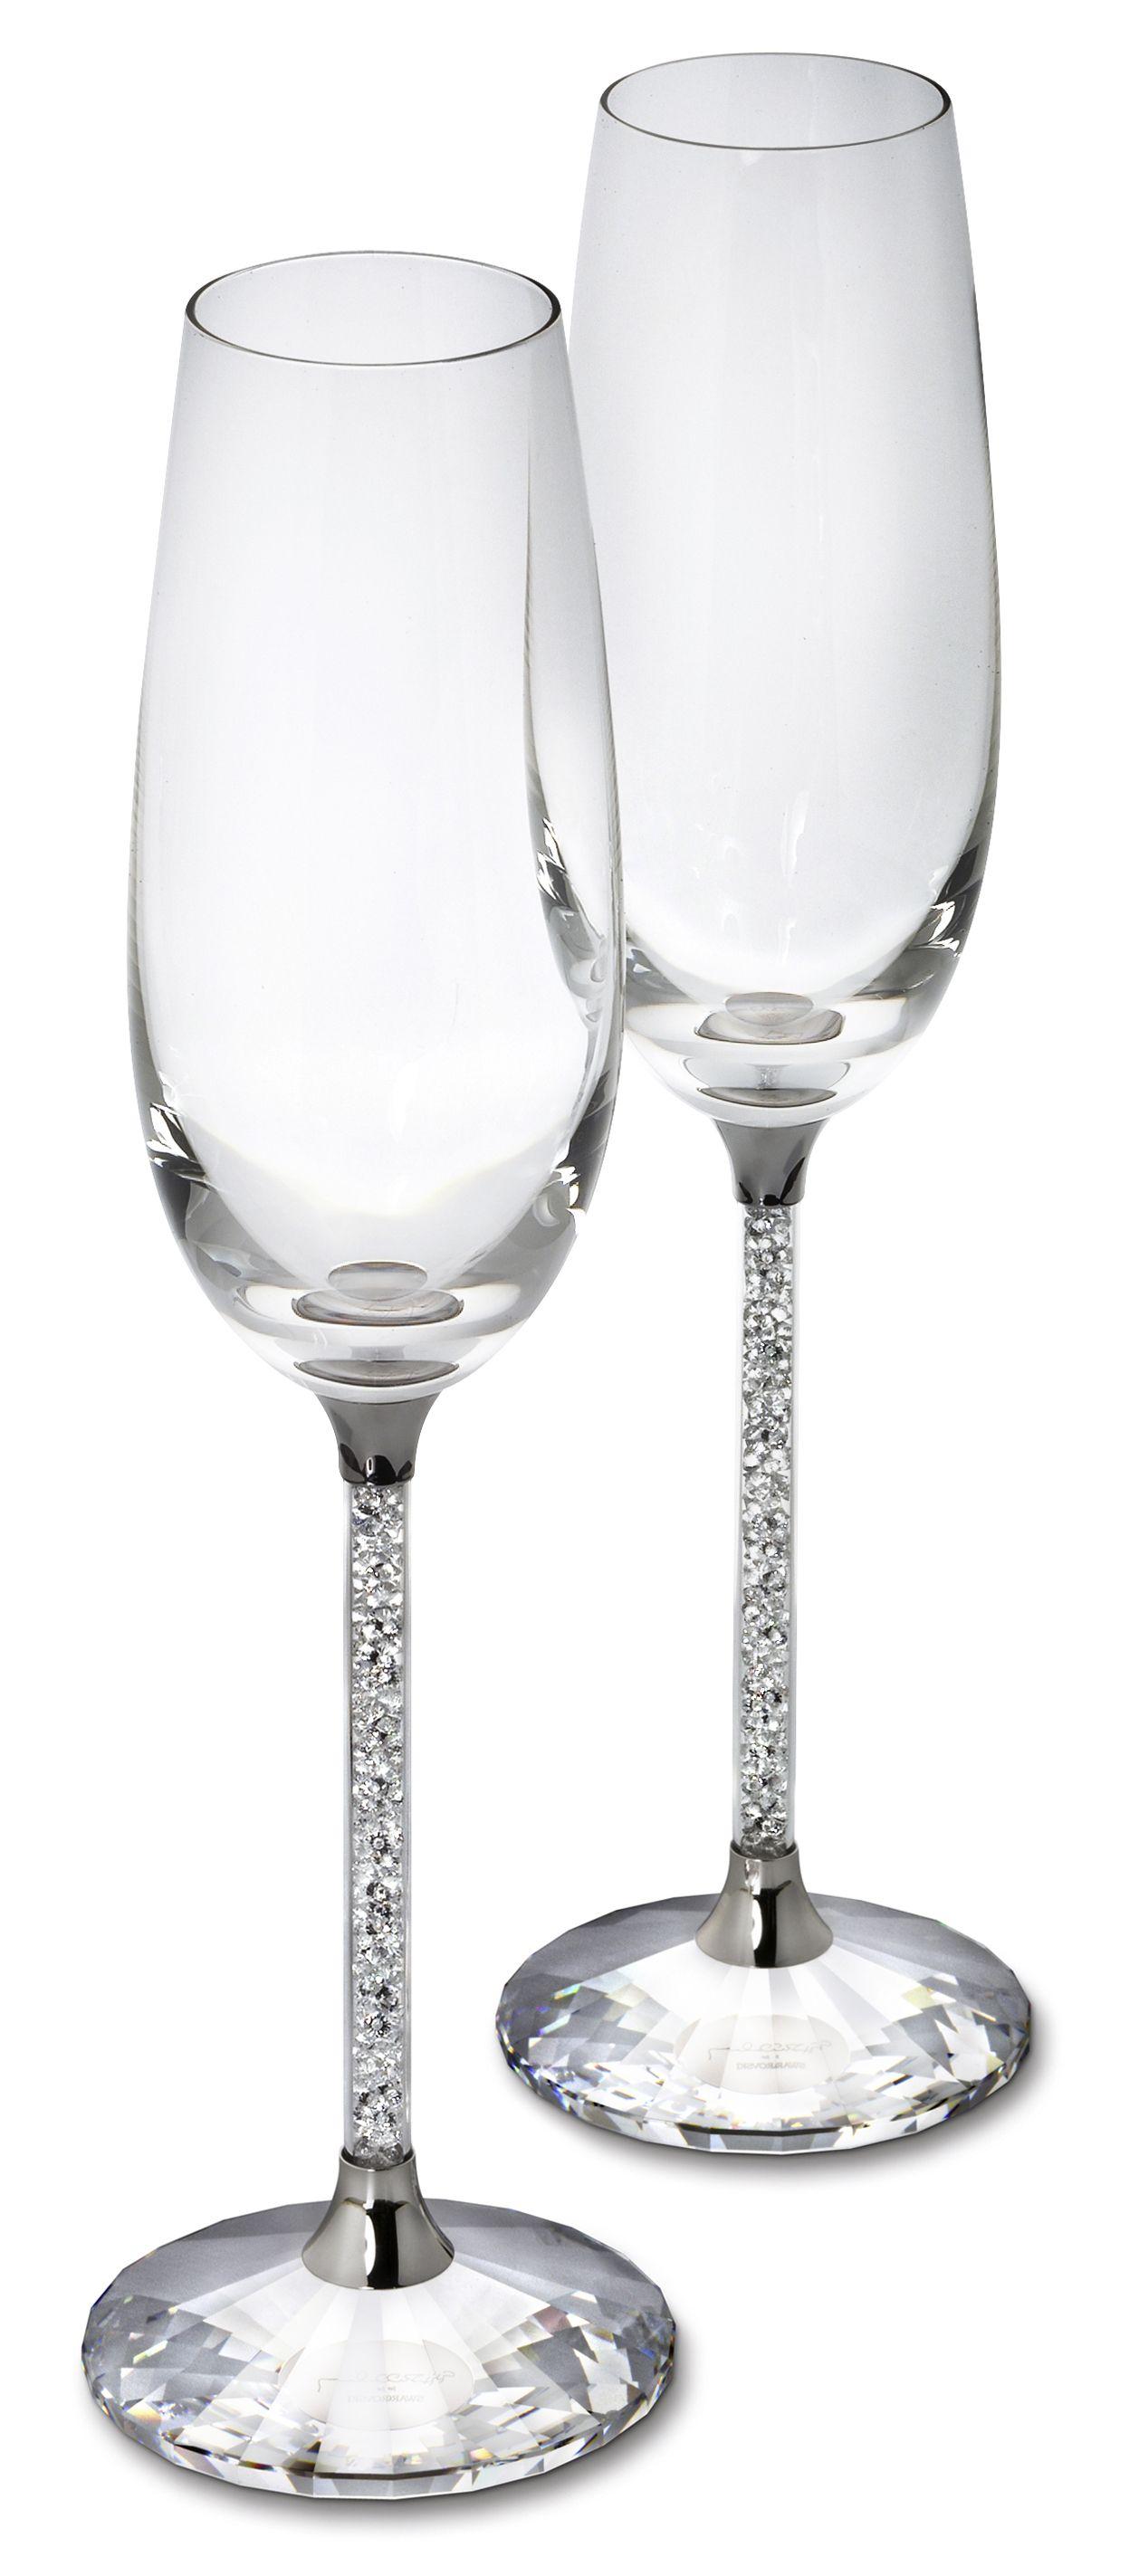 Set of Swarovski Crystal Filled Stem Glasses 2 Champagne Flutes 2 ...